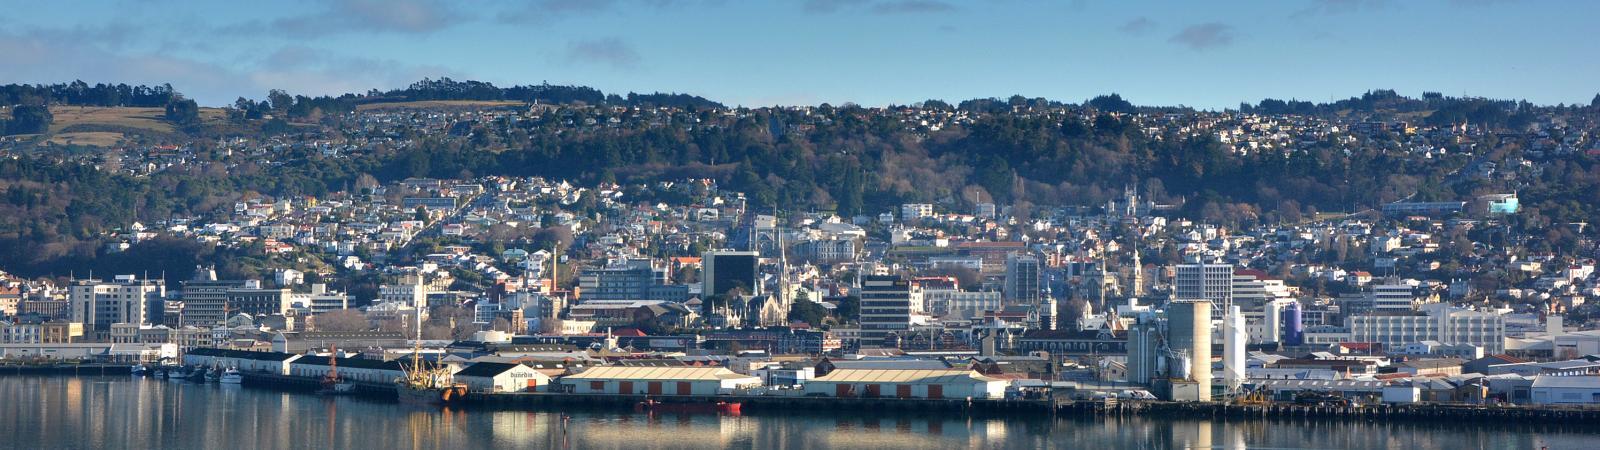 LJ Hooker Dunedin office street view image